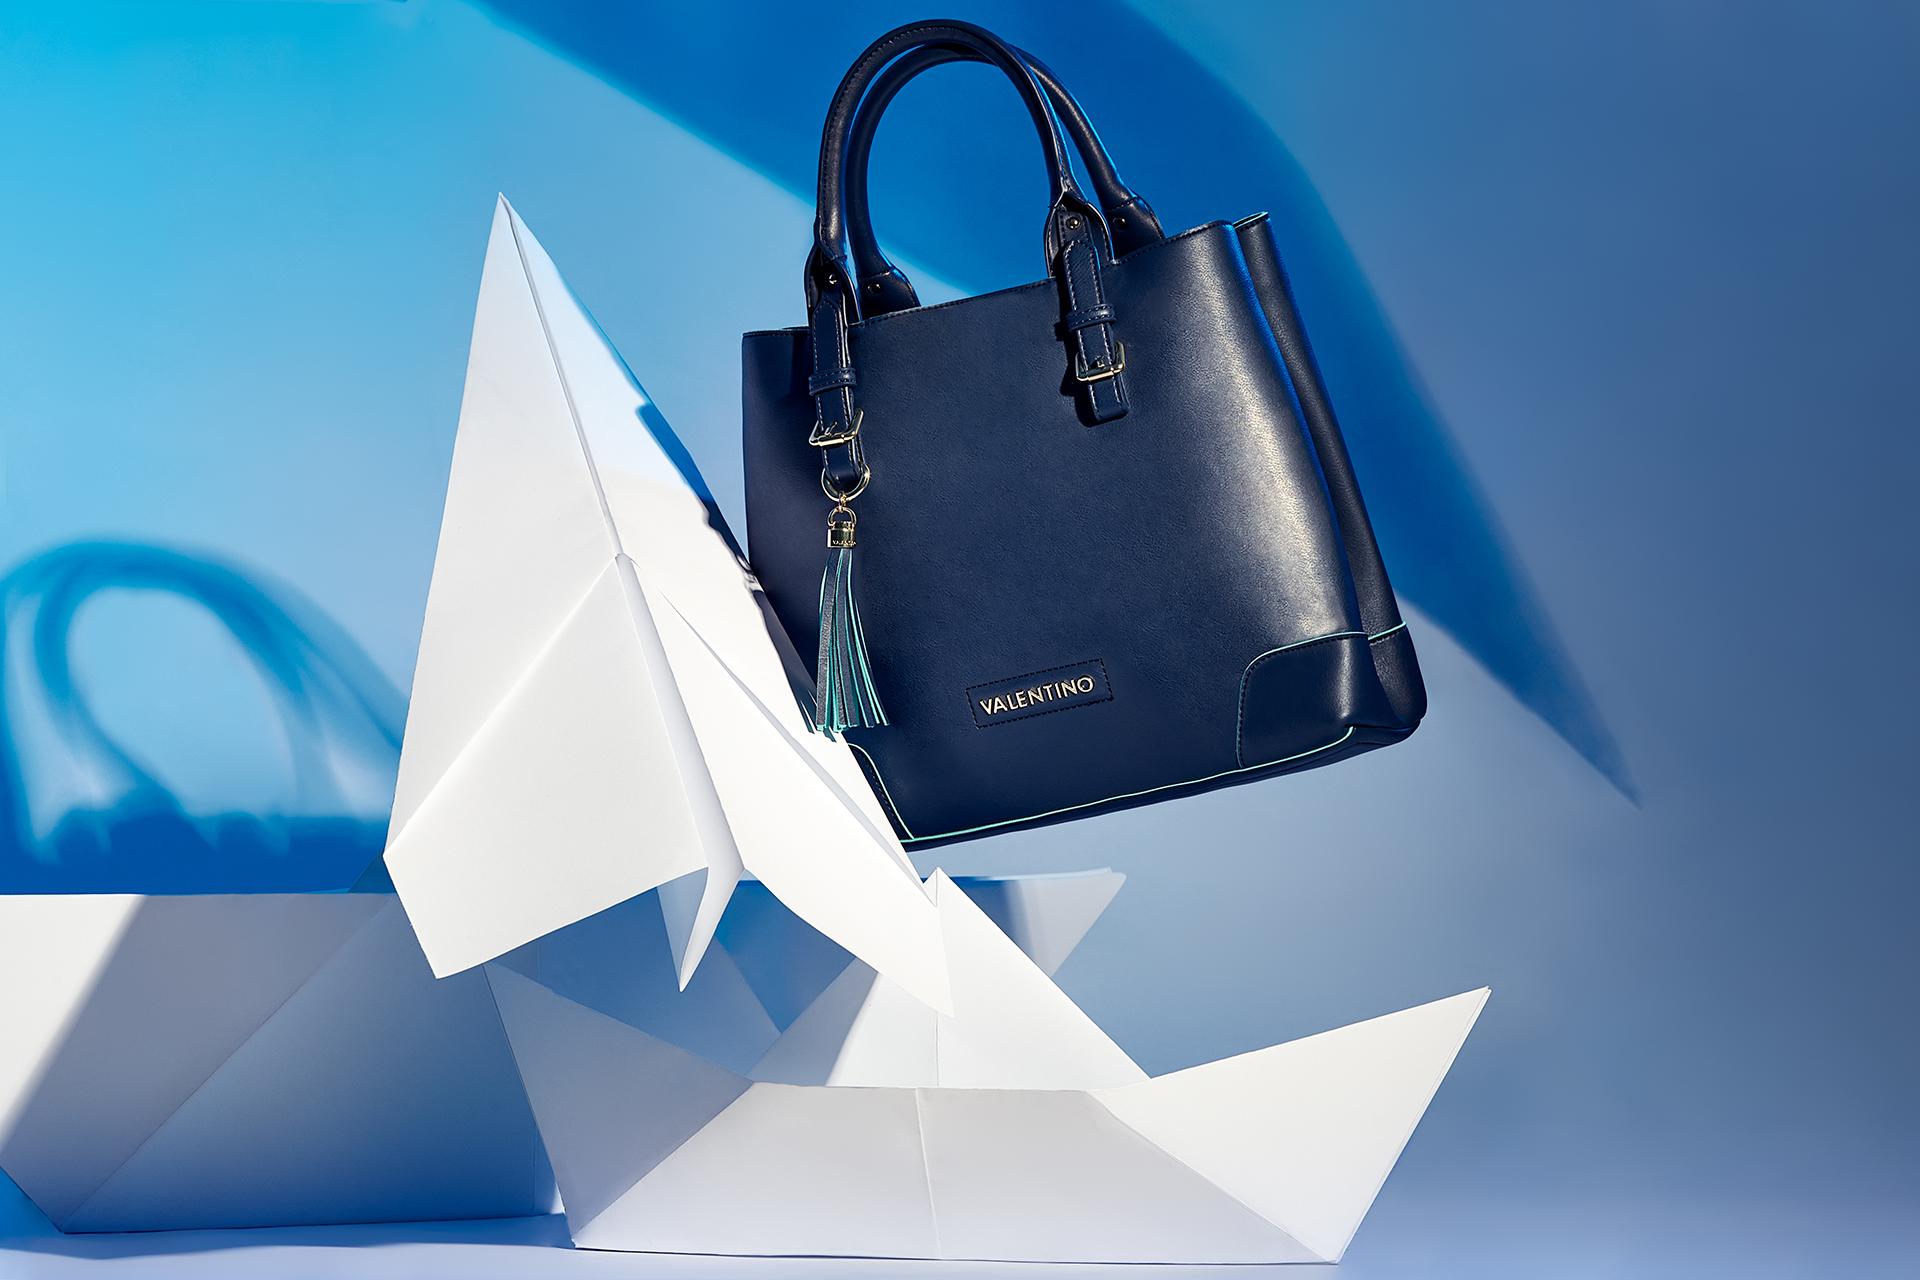 luxury-handbag-advertorial-campaign-concept-artwork-key-visuals-landscape